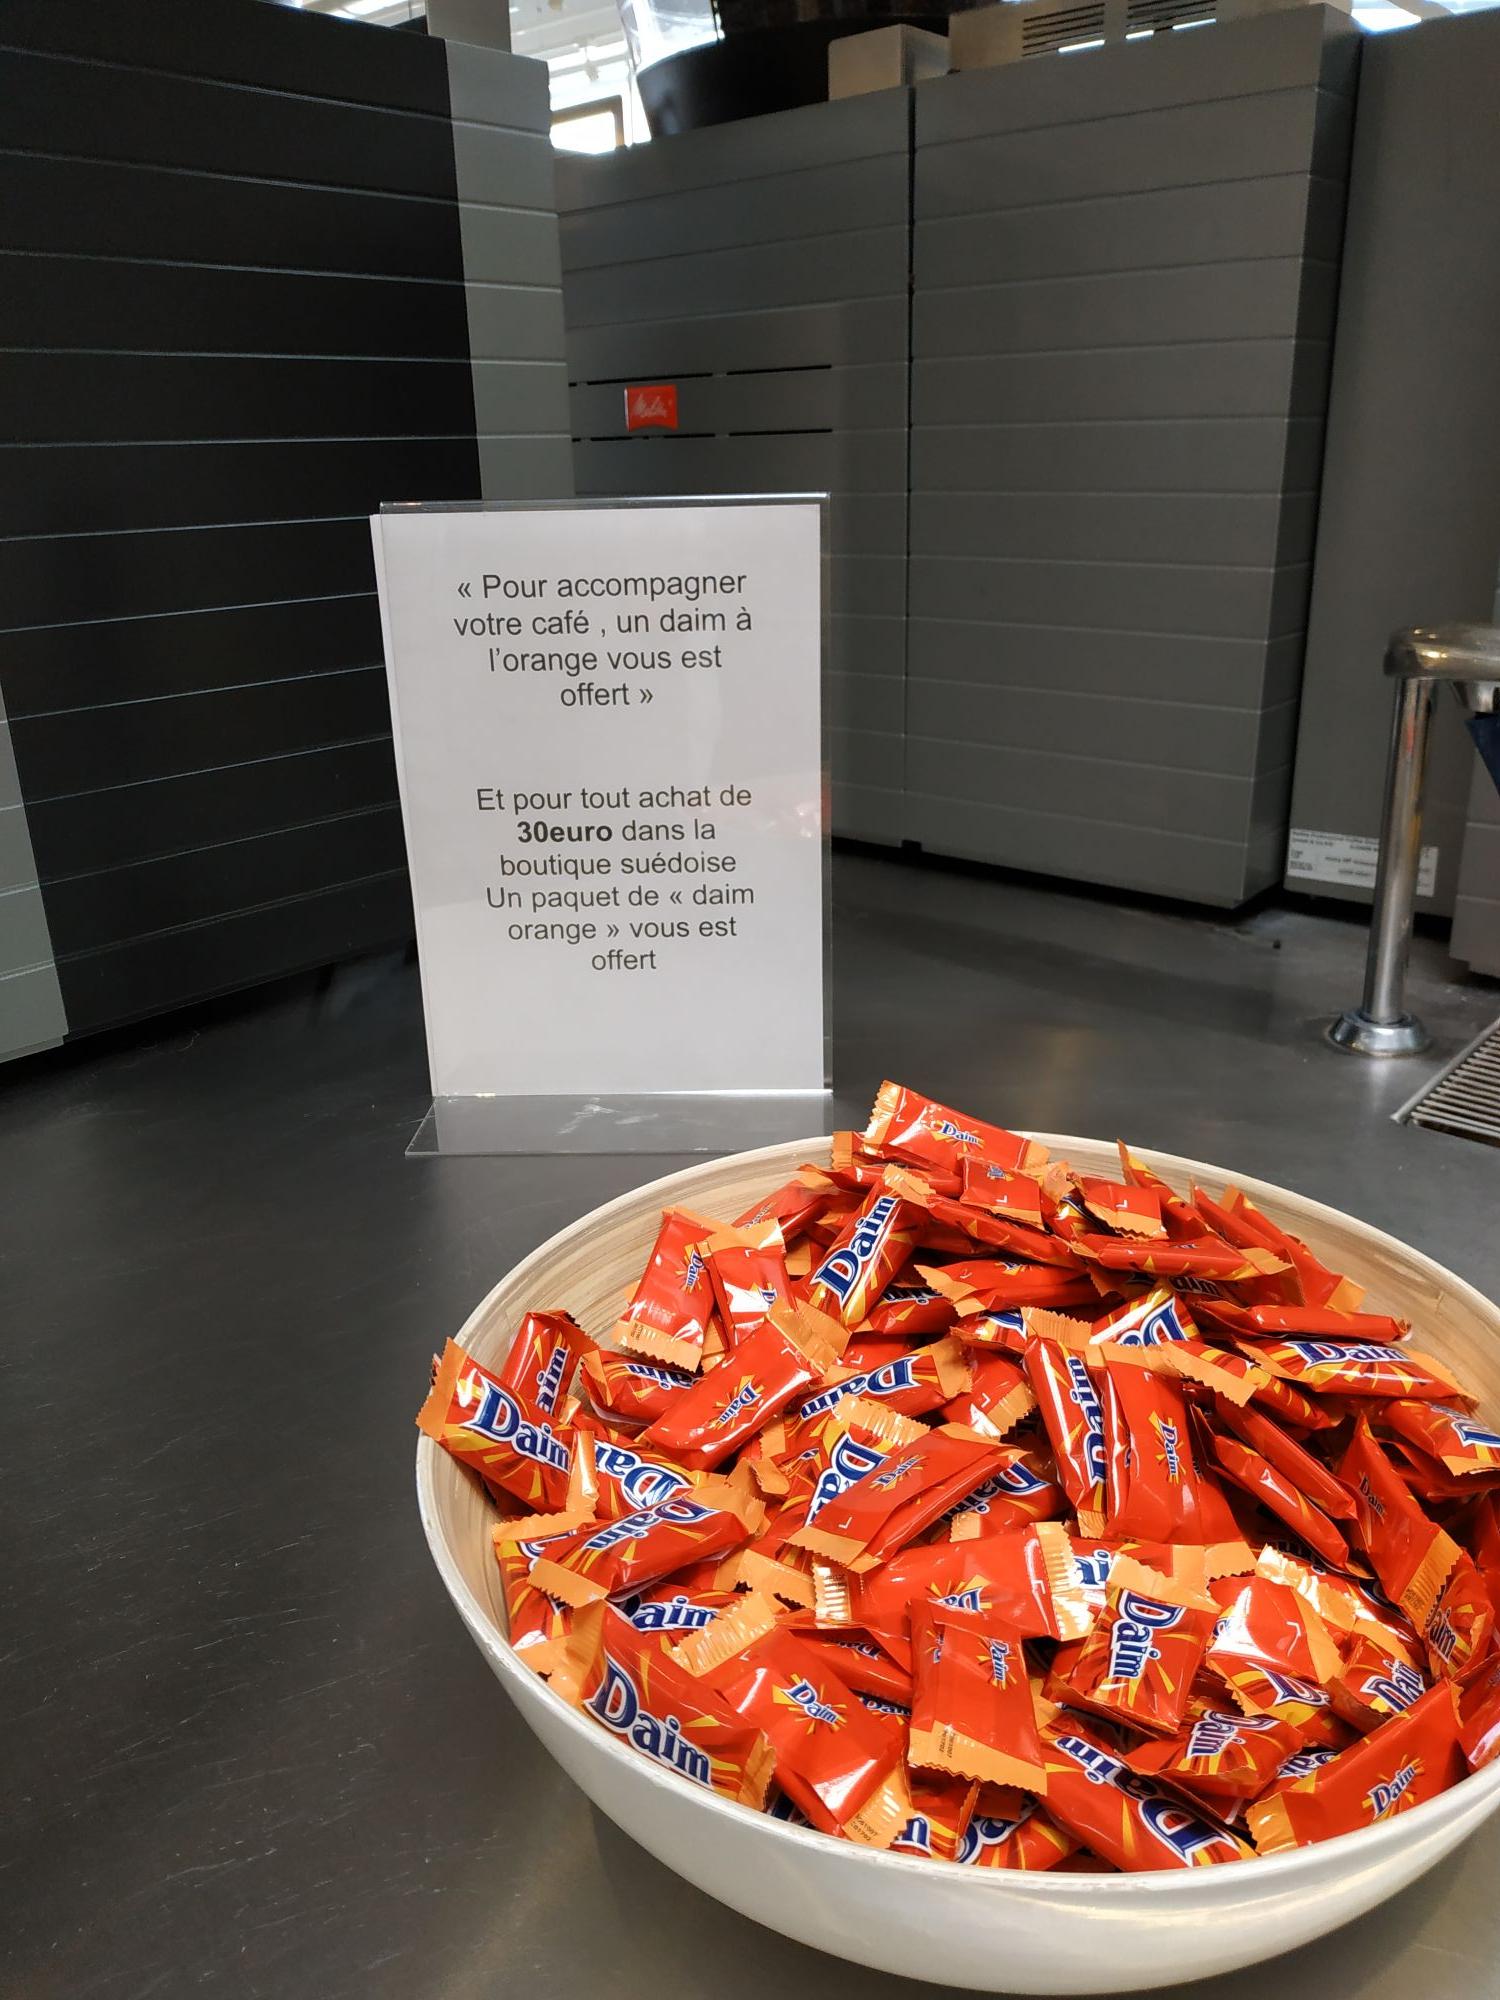 Un paquet de friandises Daim Orange offert dès 30€ d'achat dans la boutique suédoise - Gonesse (95)